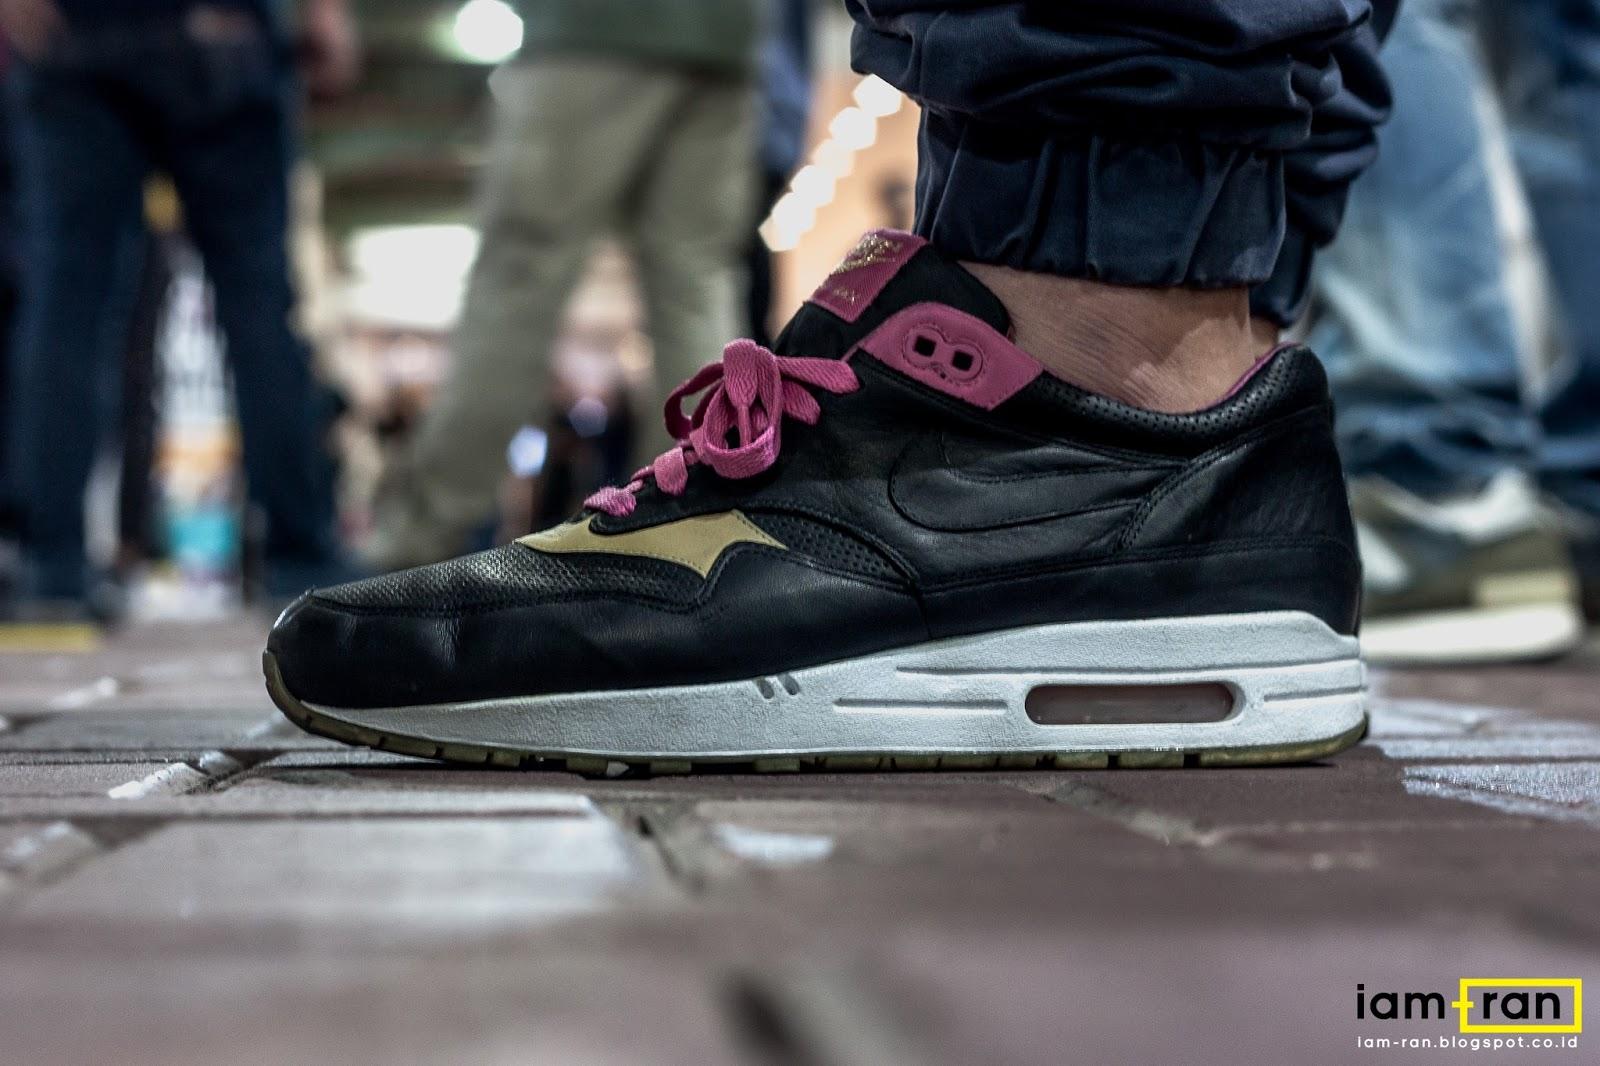 IAM-RAN: ON FEET : Leo - Nike Air Max 1